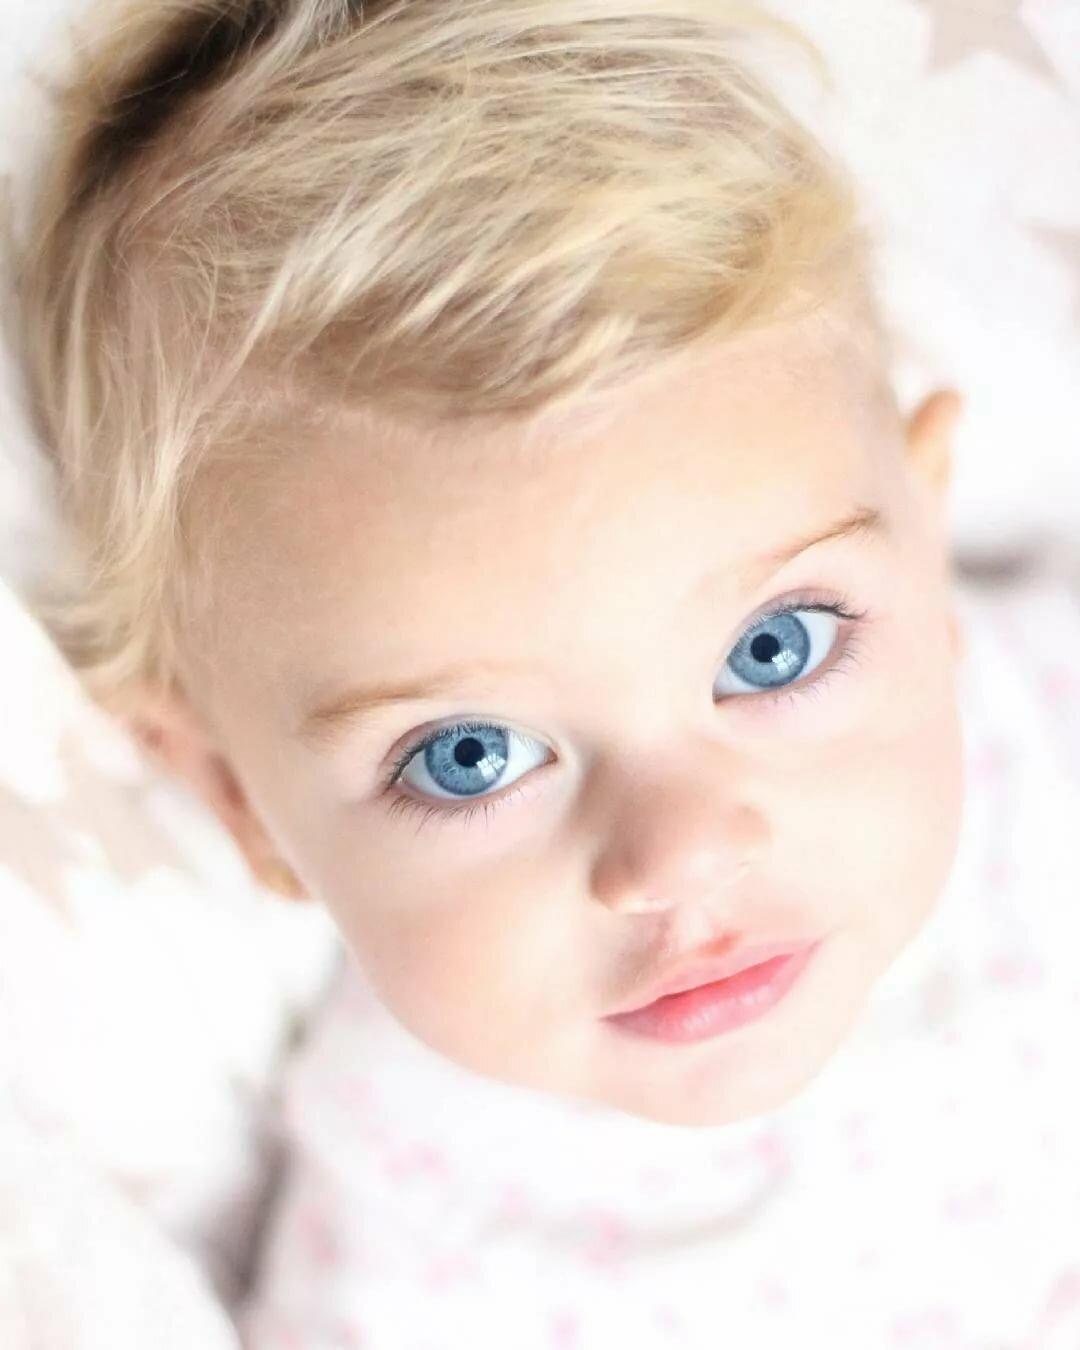 Голубоглазый ребенок фото